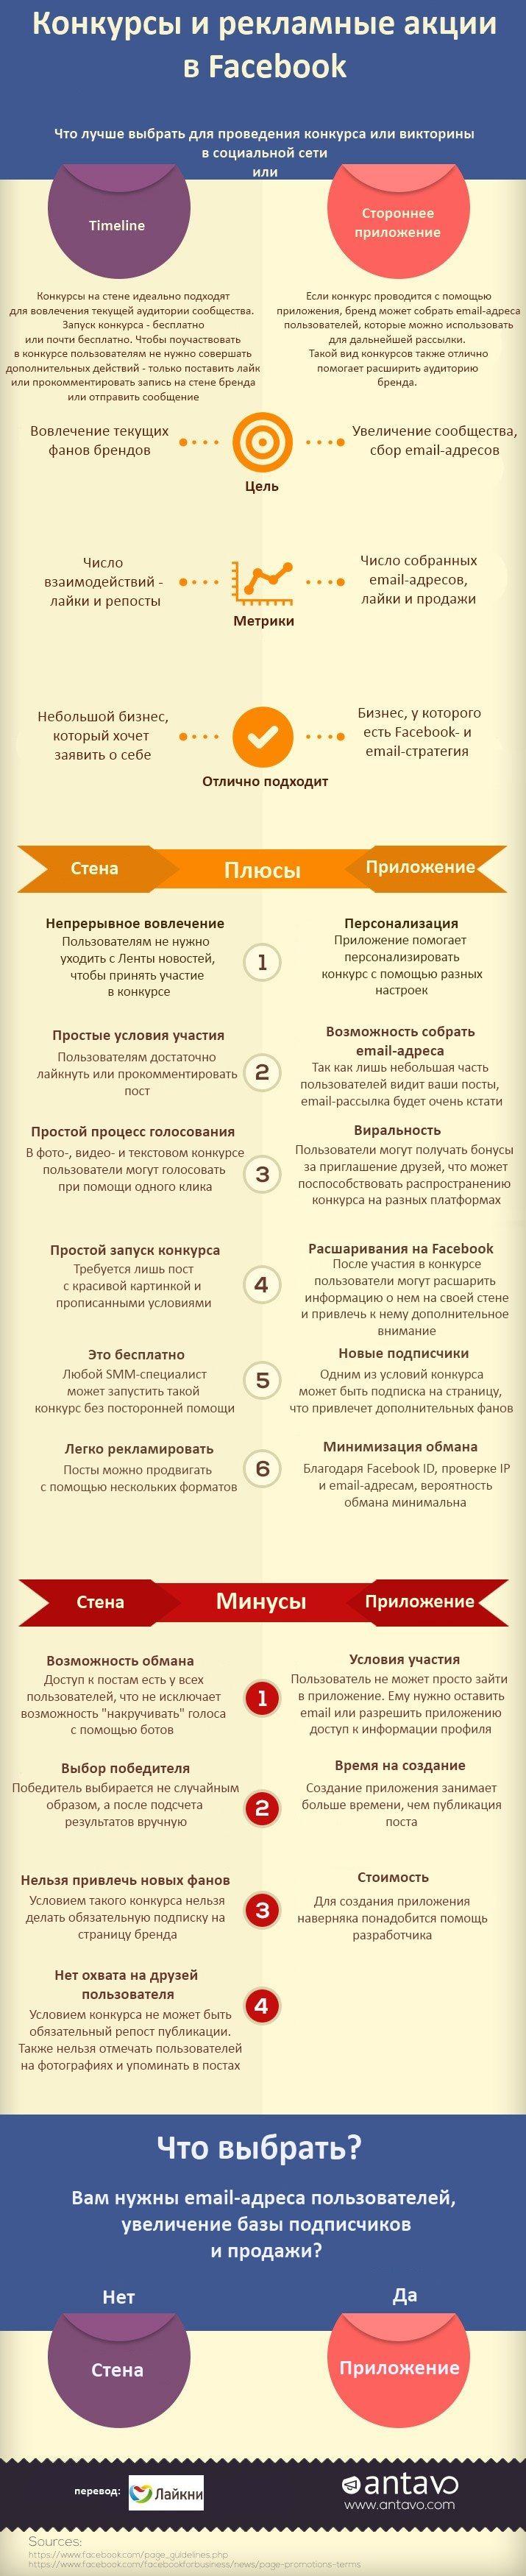 Инфографика: Конкурсы и рекламные акции в Facebook